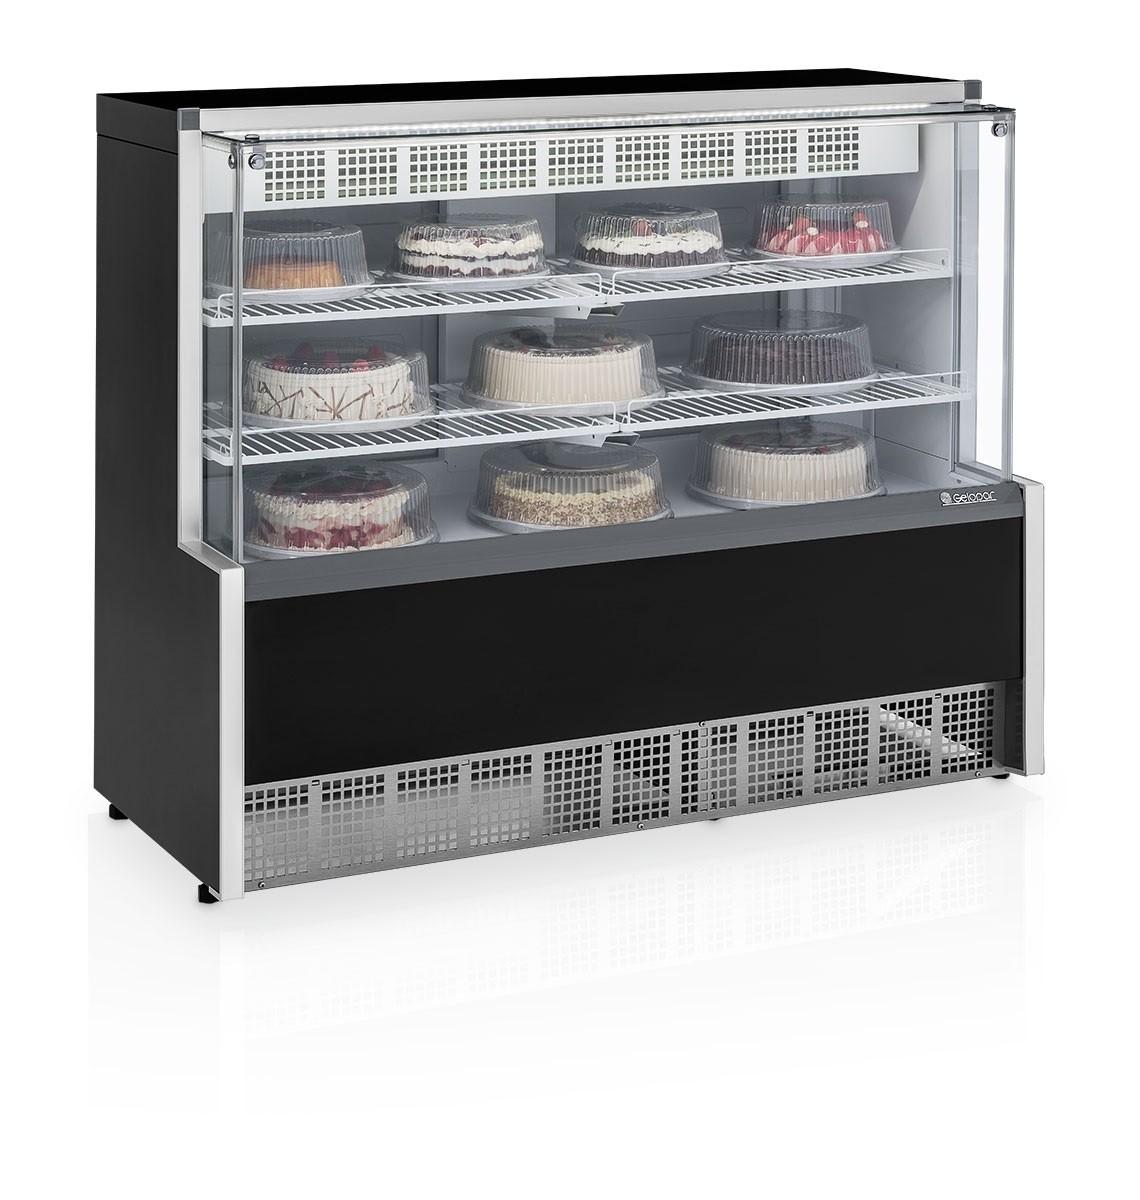 Balcao Refrigerado Torta E Doces 1,40M V. Reto Preto C/Led Aurora 127V Gpea-140R  - Gelopar